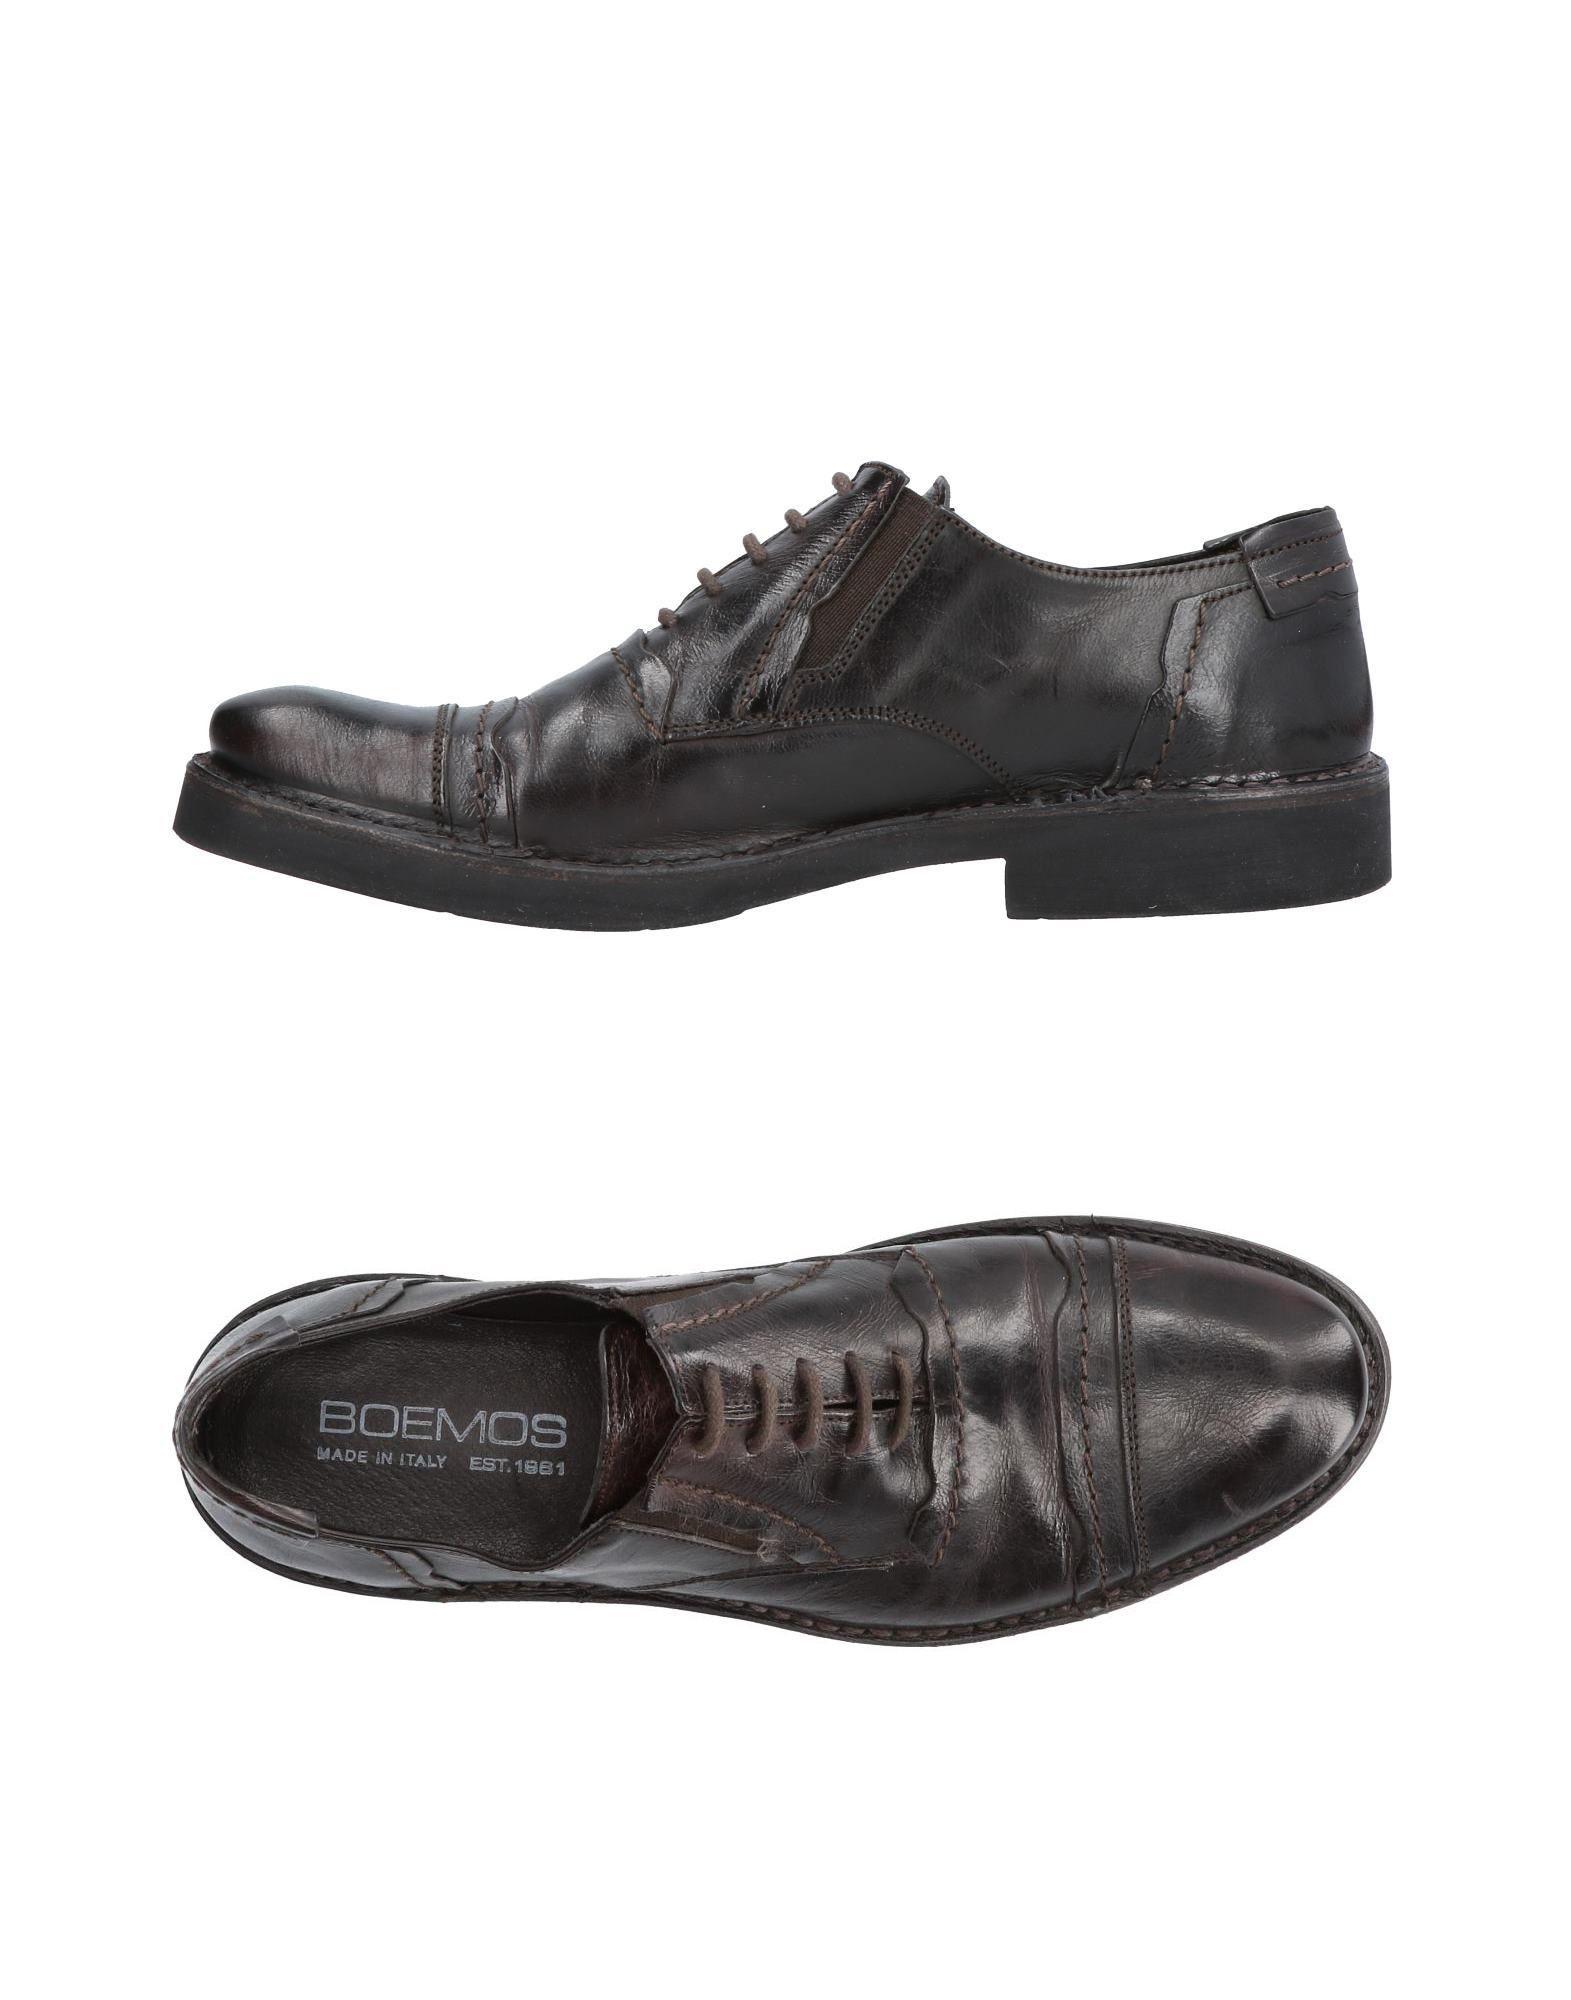 Chaussures À Lacets Boemos Femme - Chaussures À Lacets Boemos sur